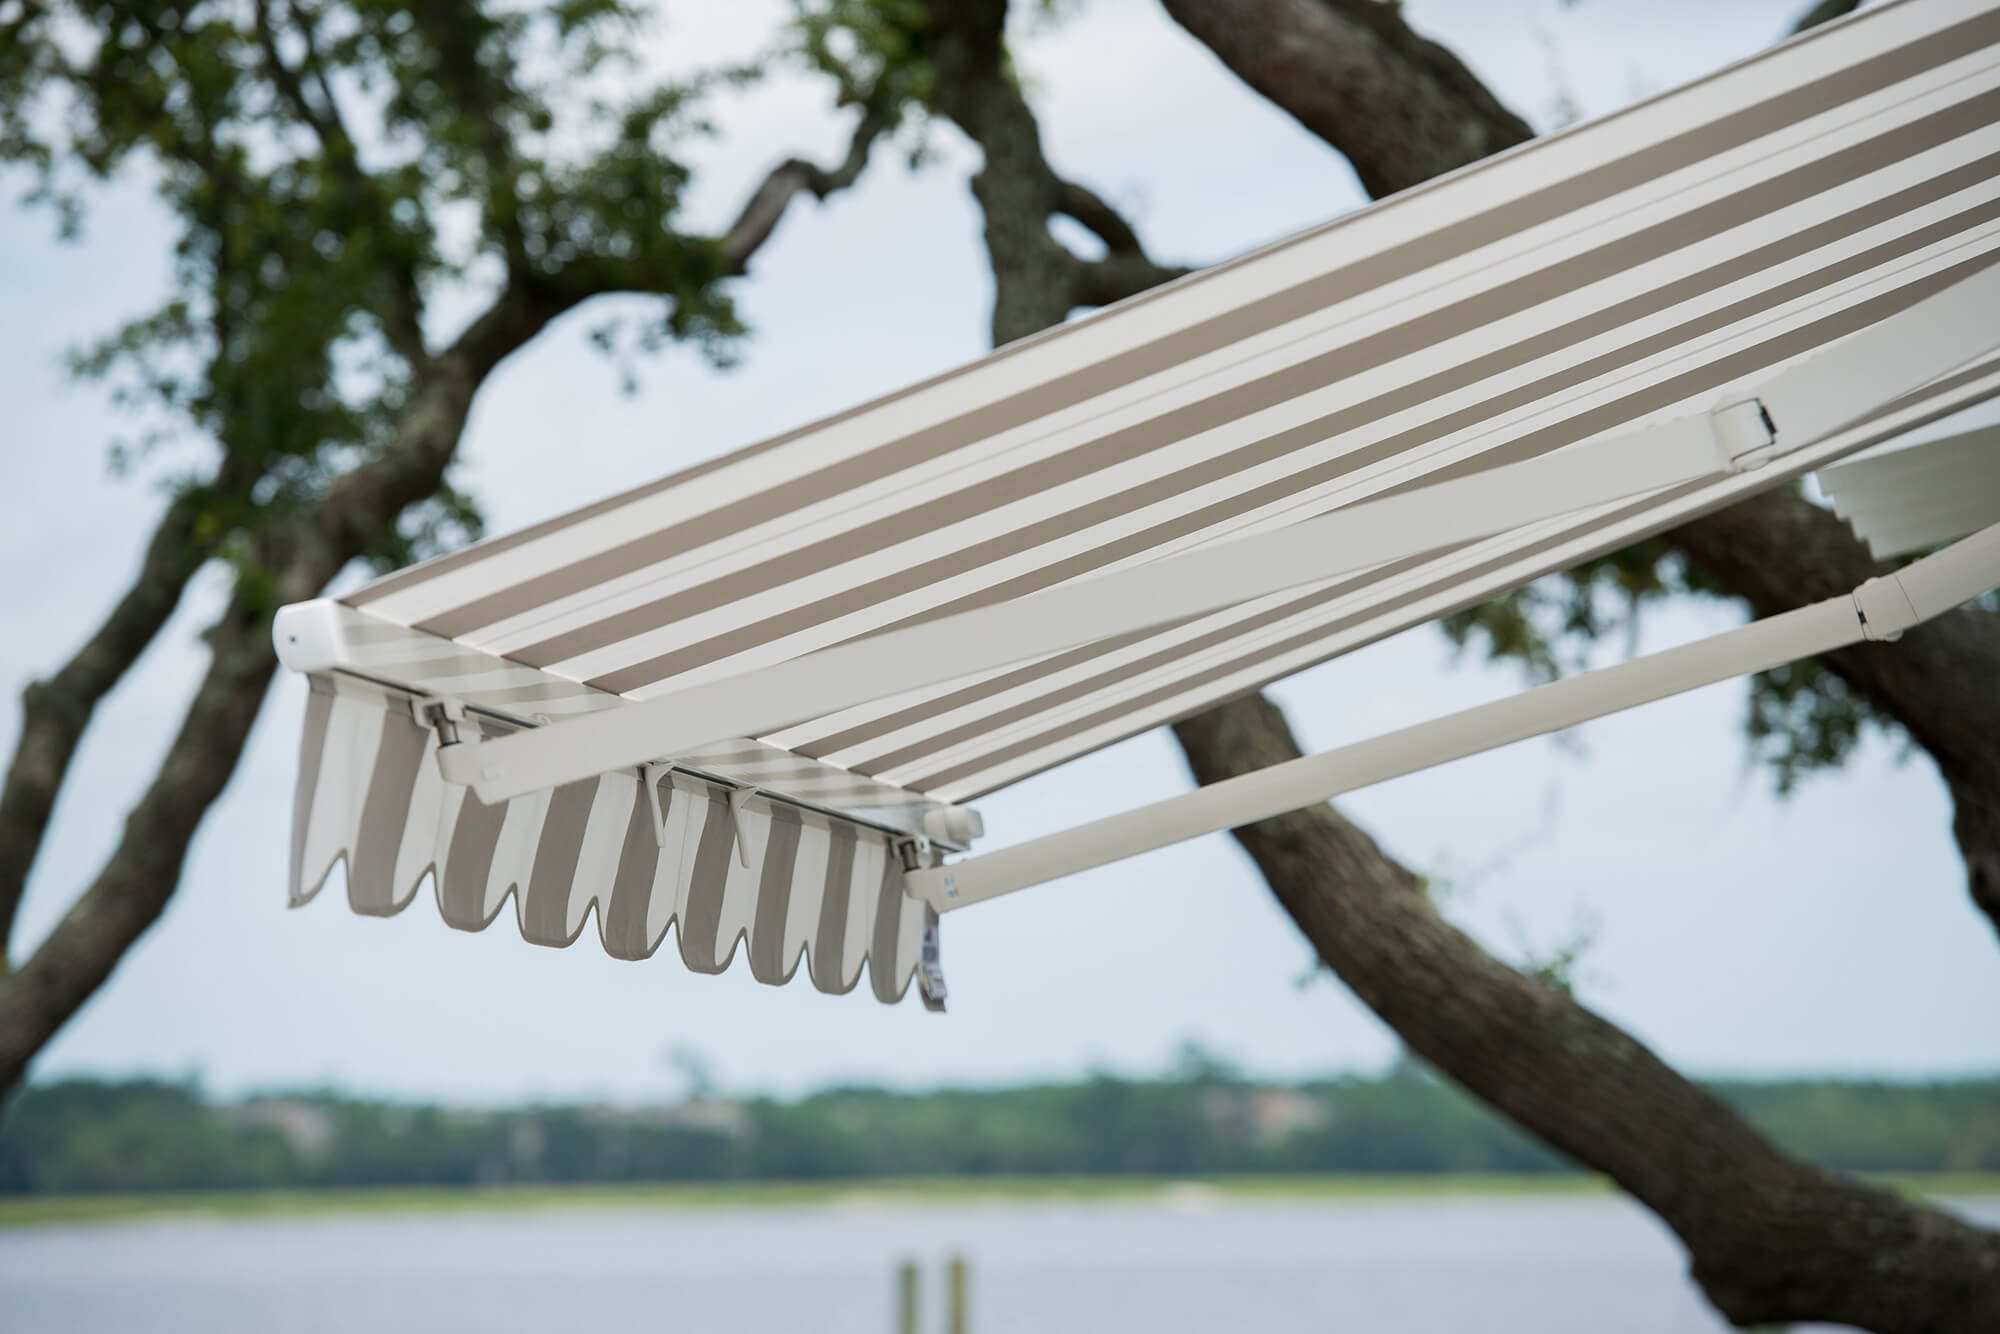 회색 및 하얀색 줄무늬 접이식 차양의 근접 디테일